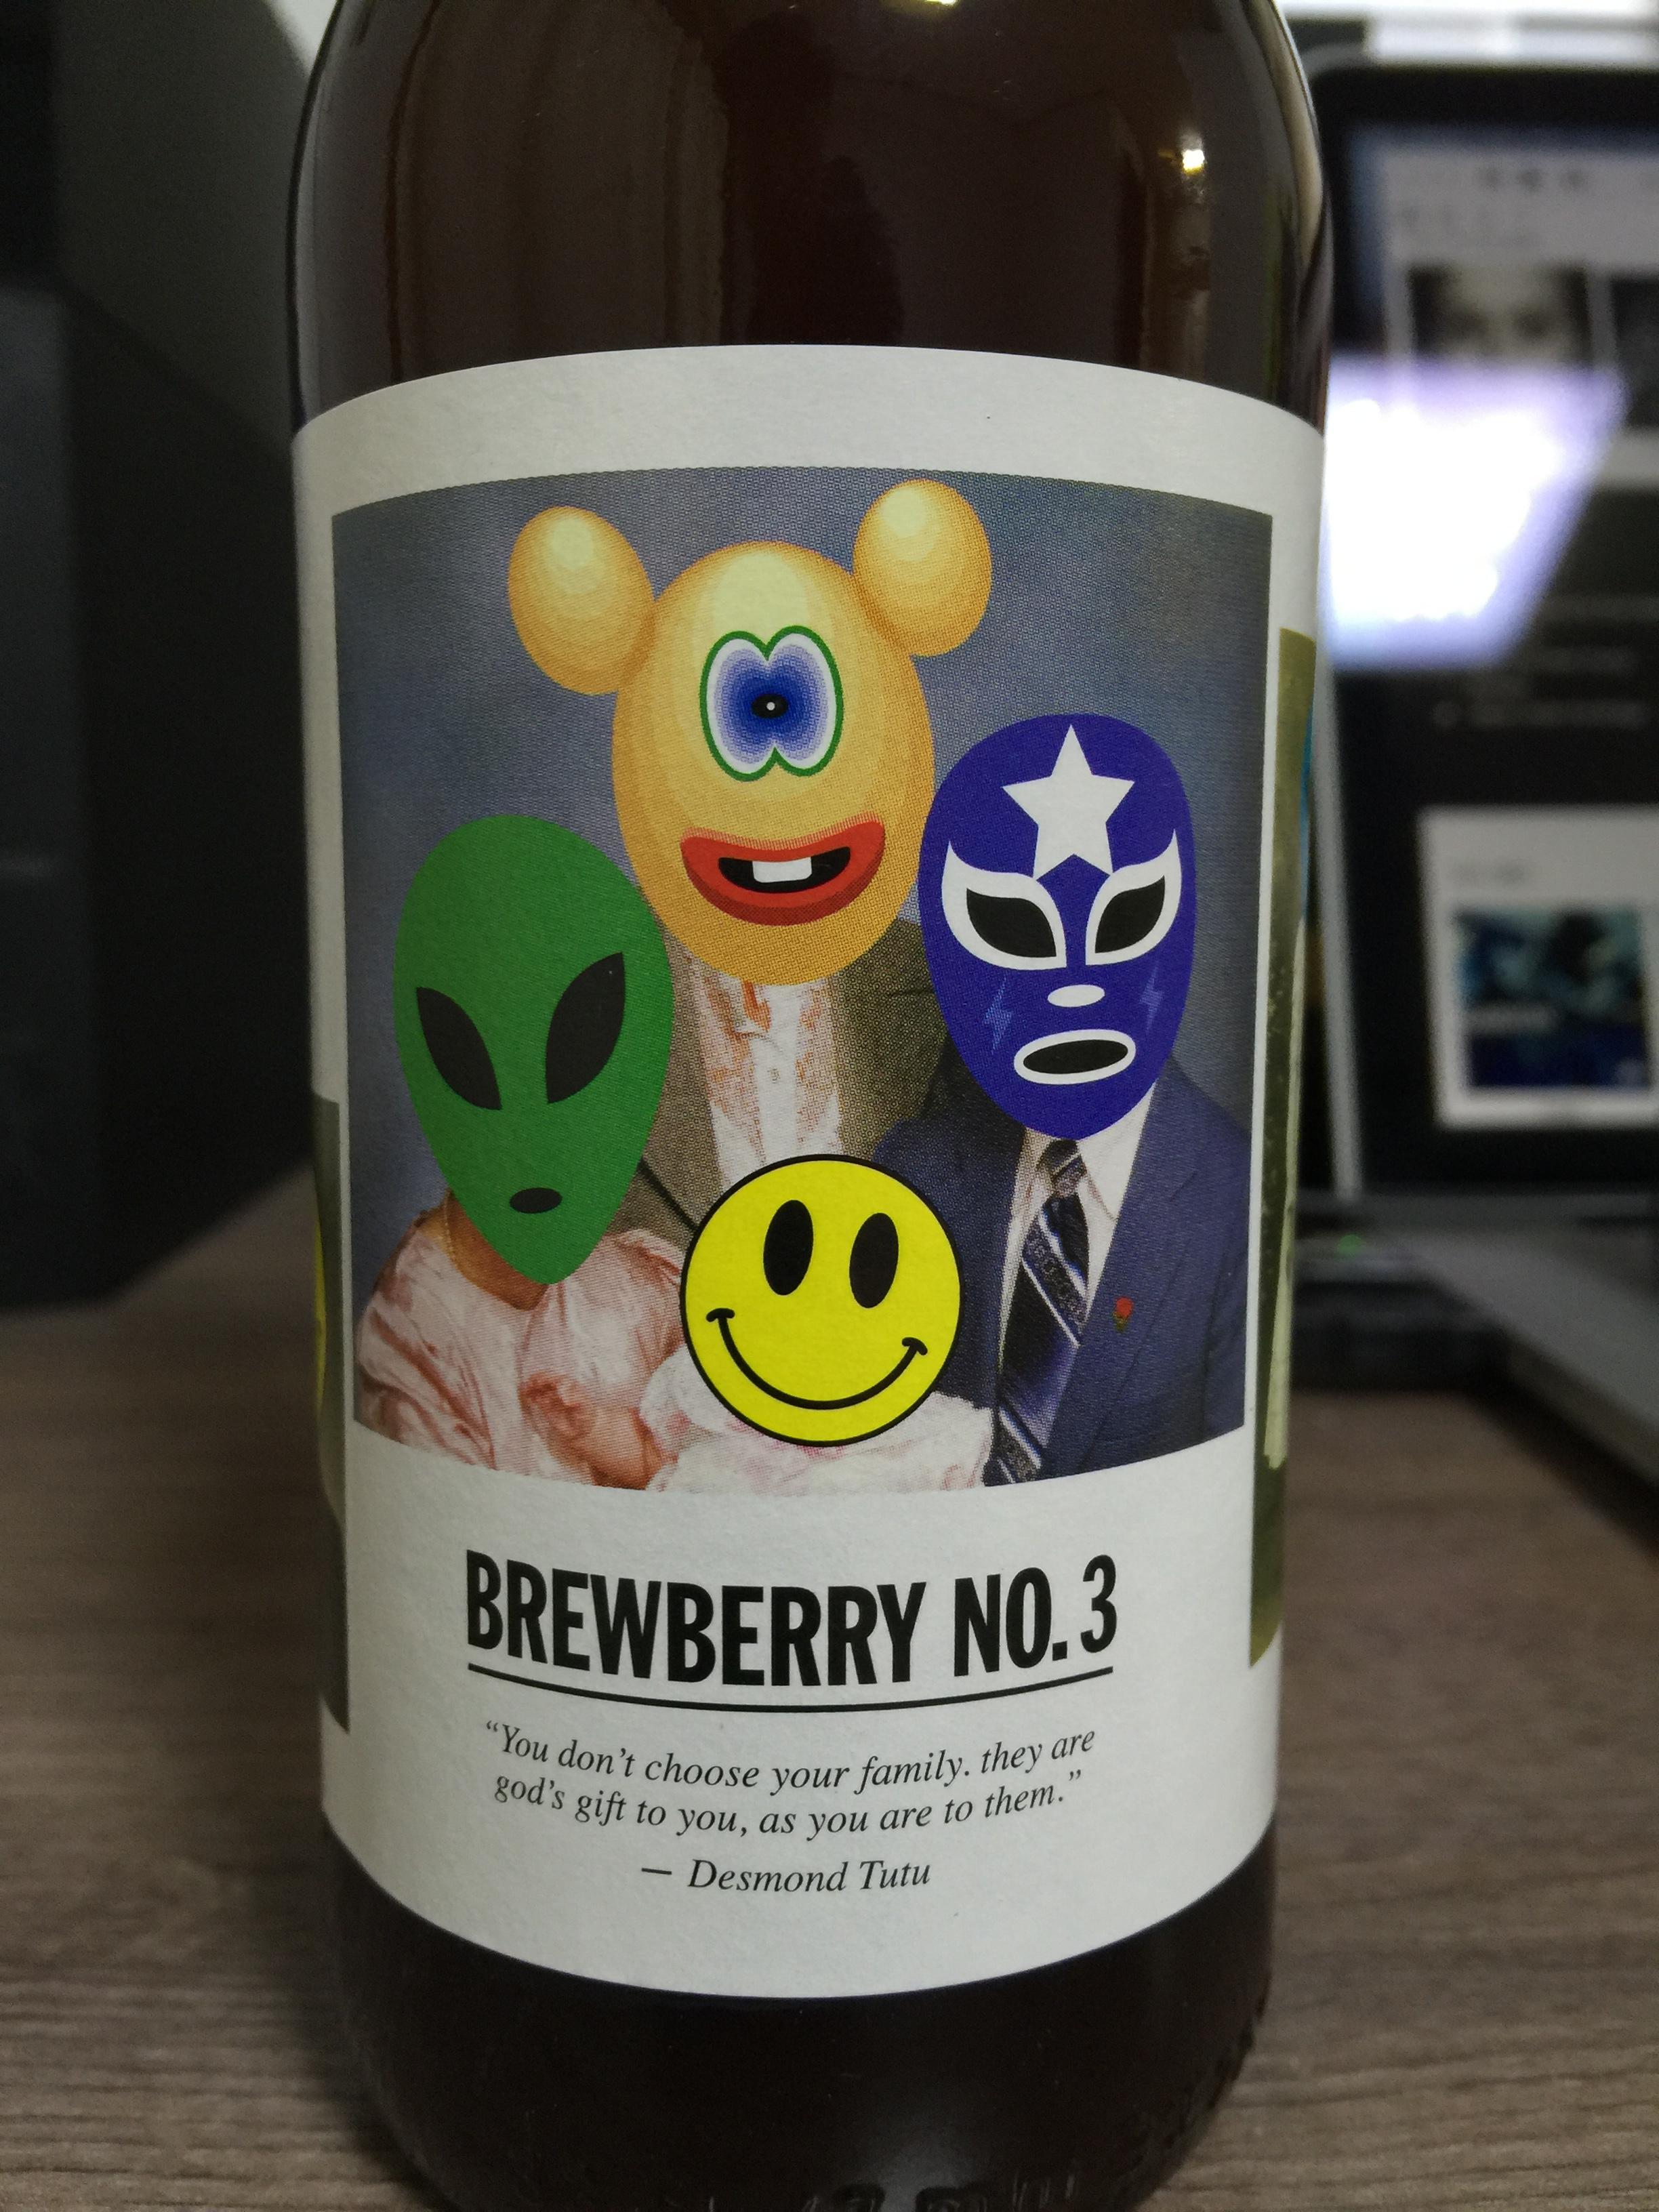 Brewery No. 3